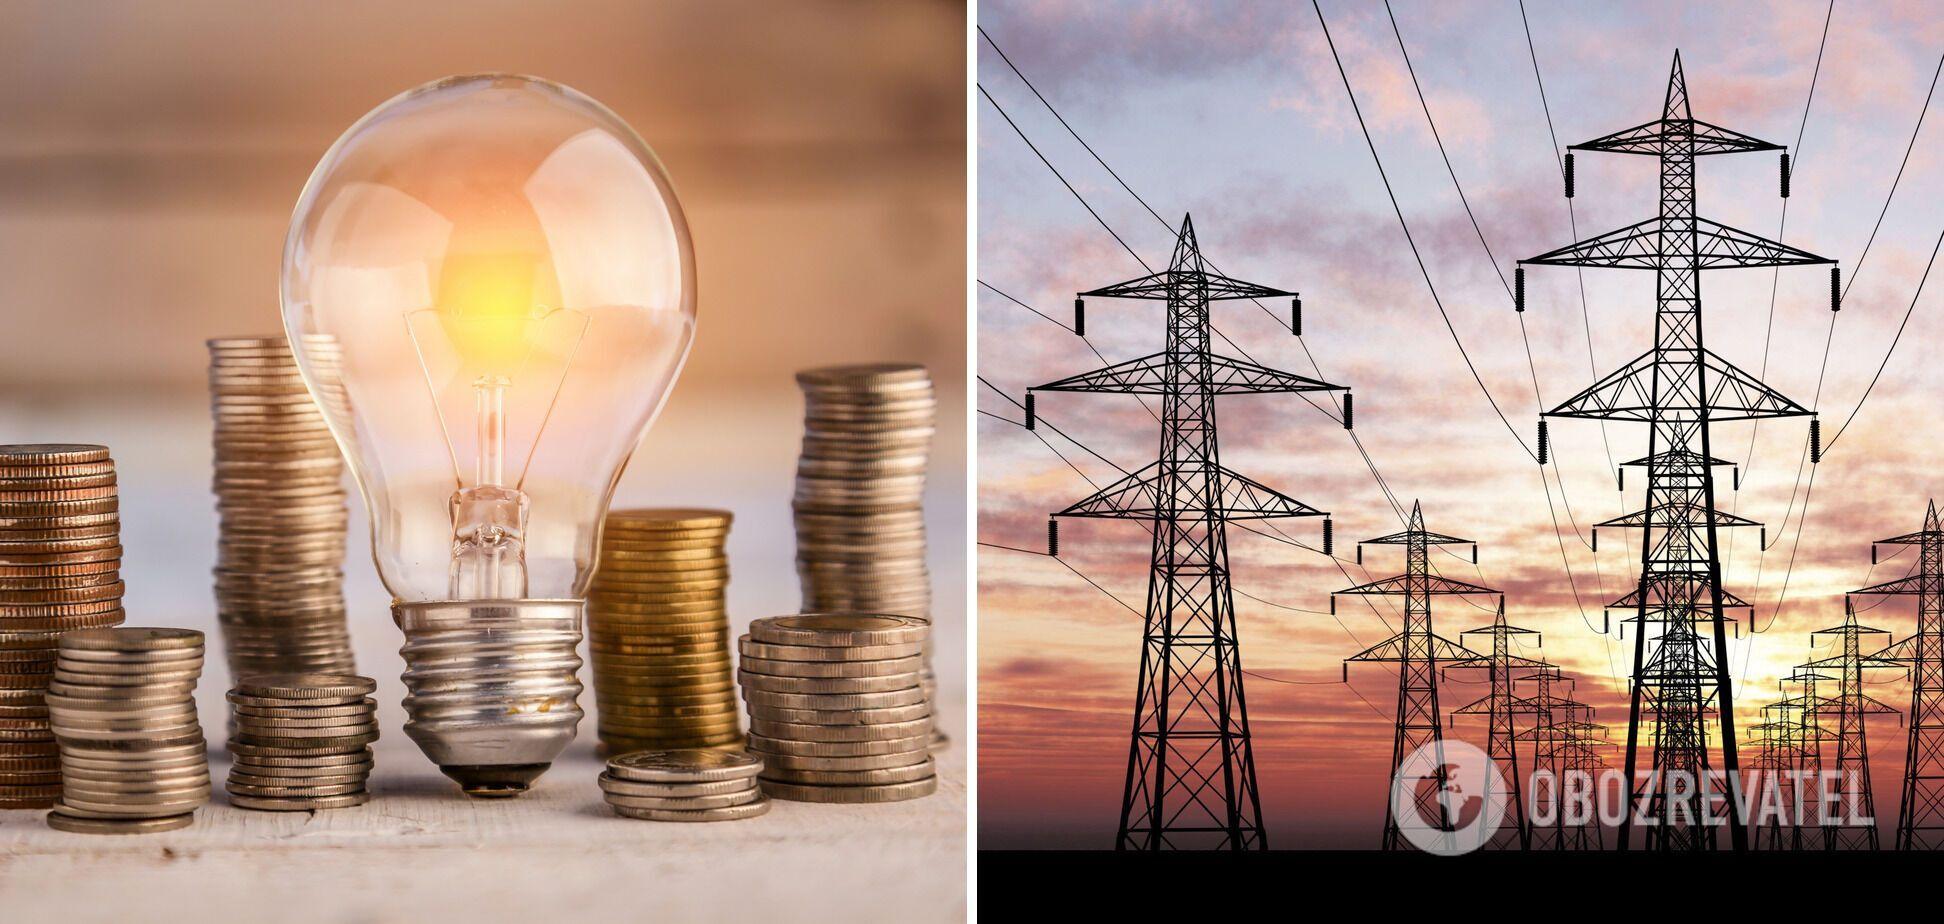 Вагому роль у падінні цін електроенергії нижче від собівартості зіграли трейдери-спекулянти – ДП 'Оператор ринку'